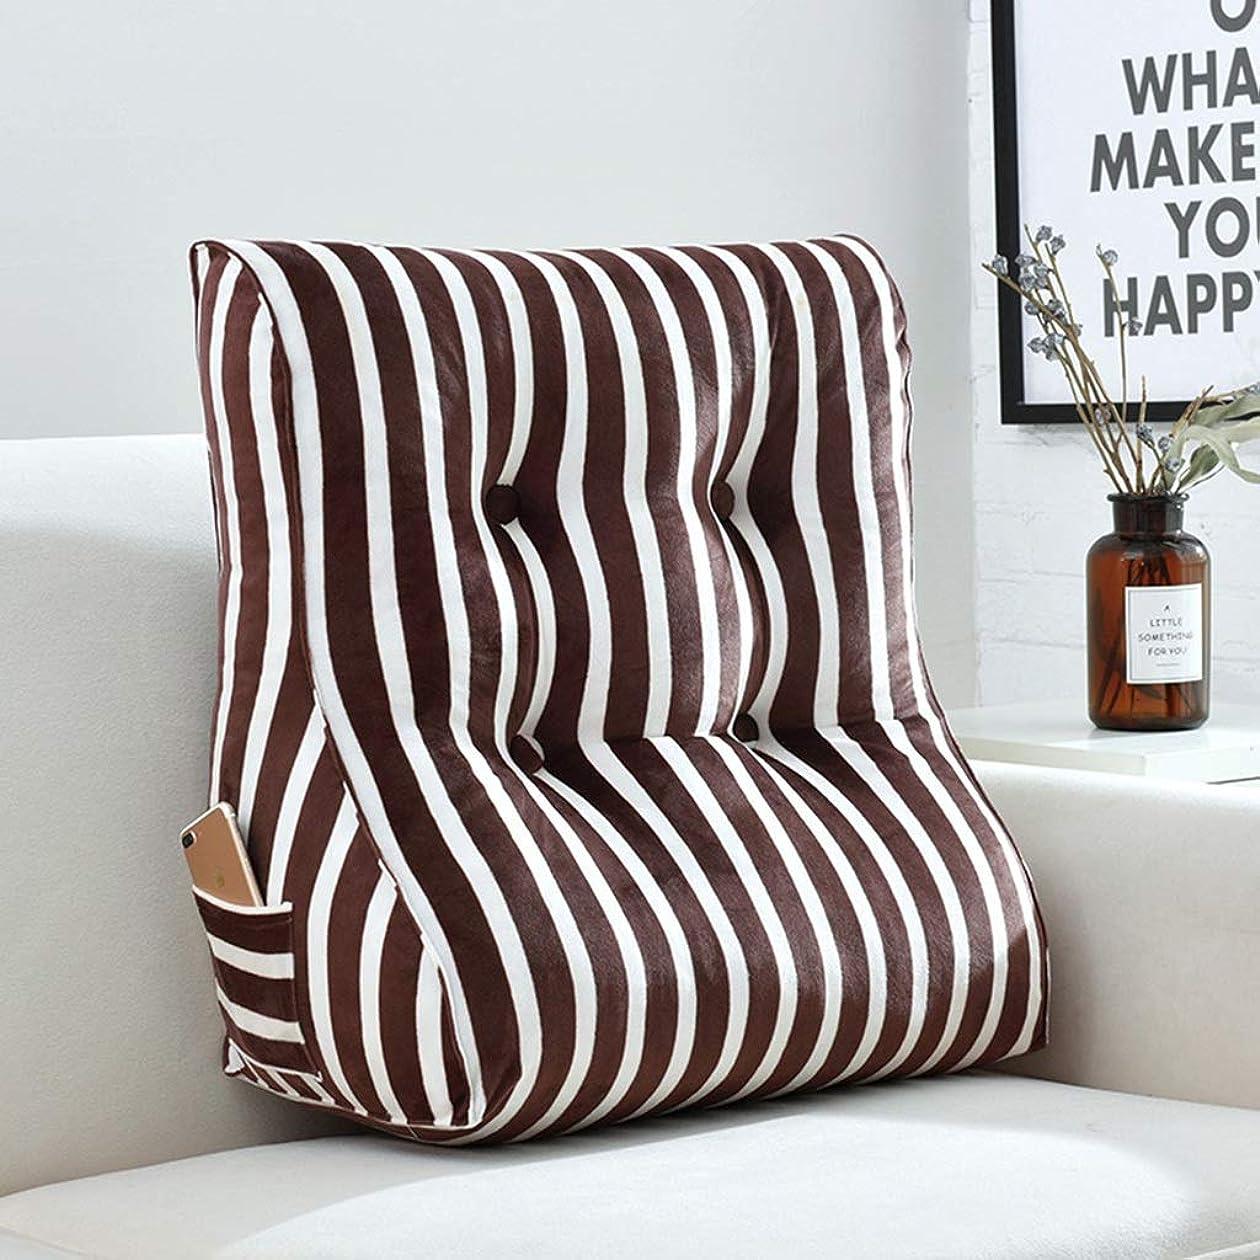 クラストムオードリース中間SXT ファッション枕Bedsidebacksofaクッションウエストピローリムーバー (Color : D, サイズ : 55*60cm)